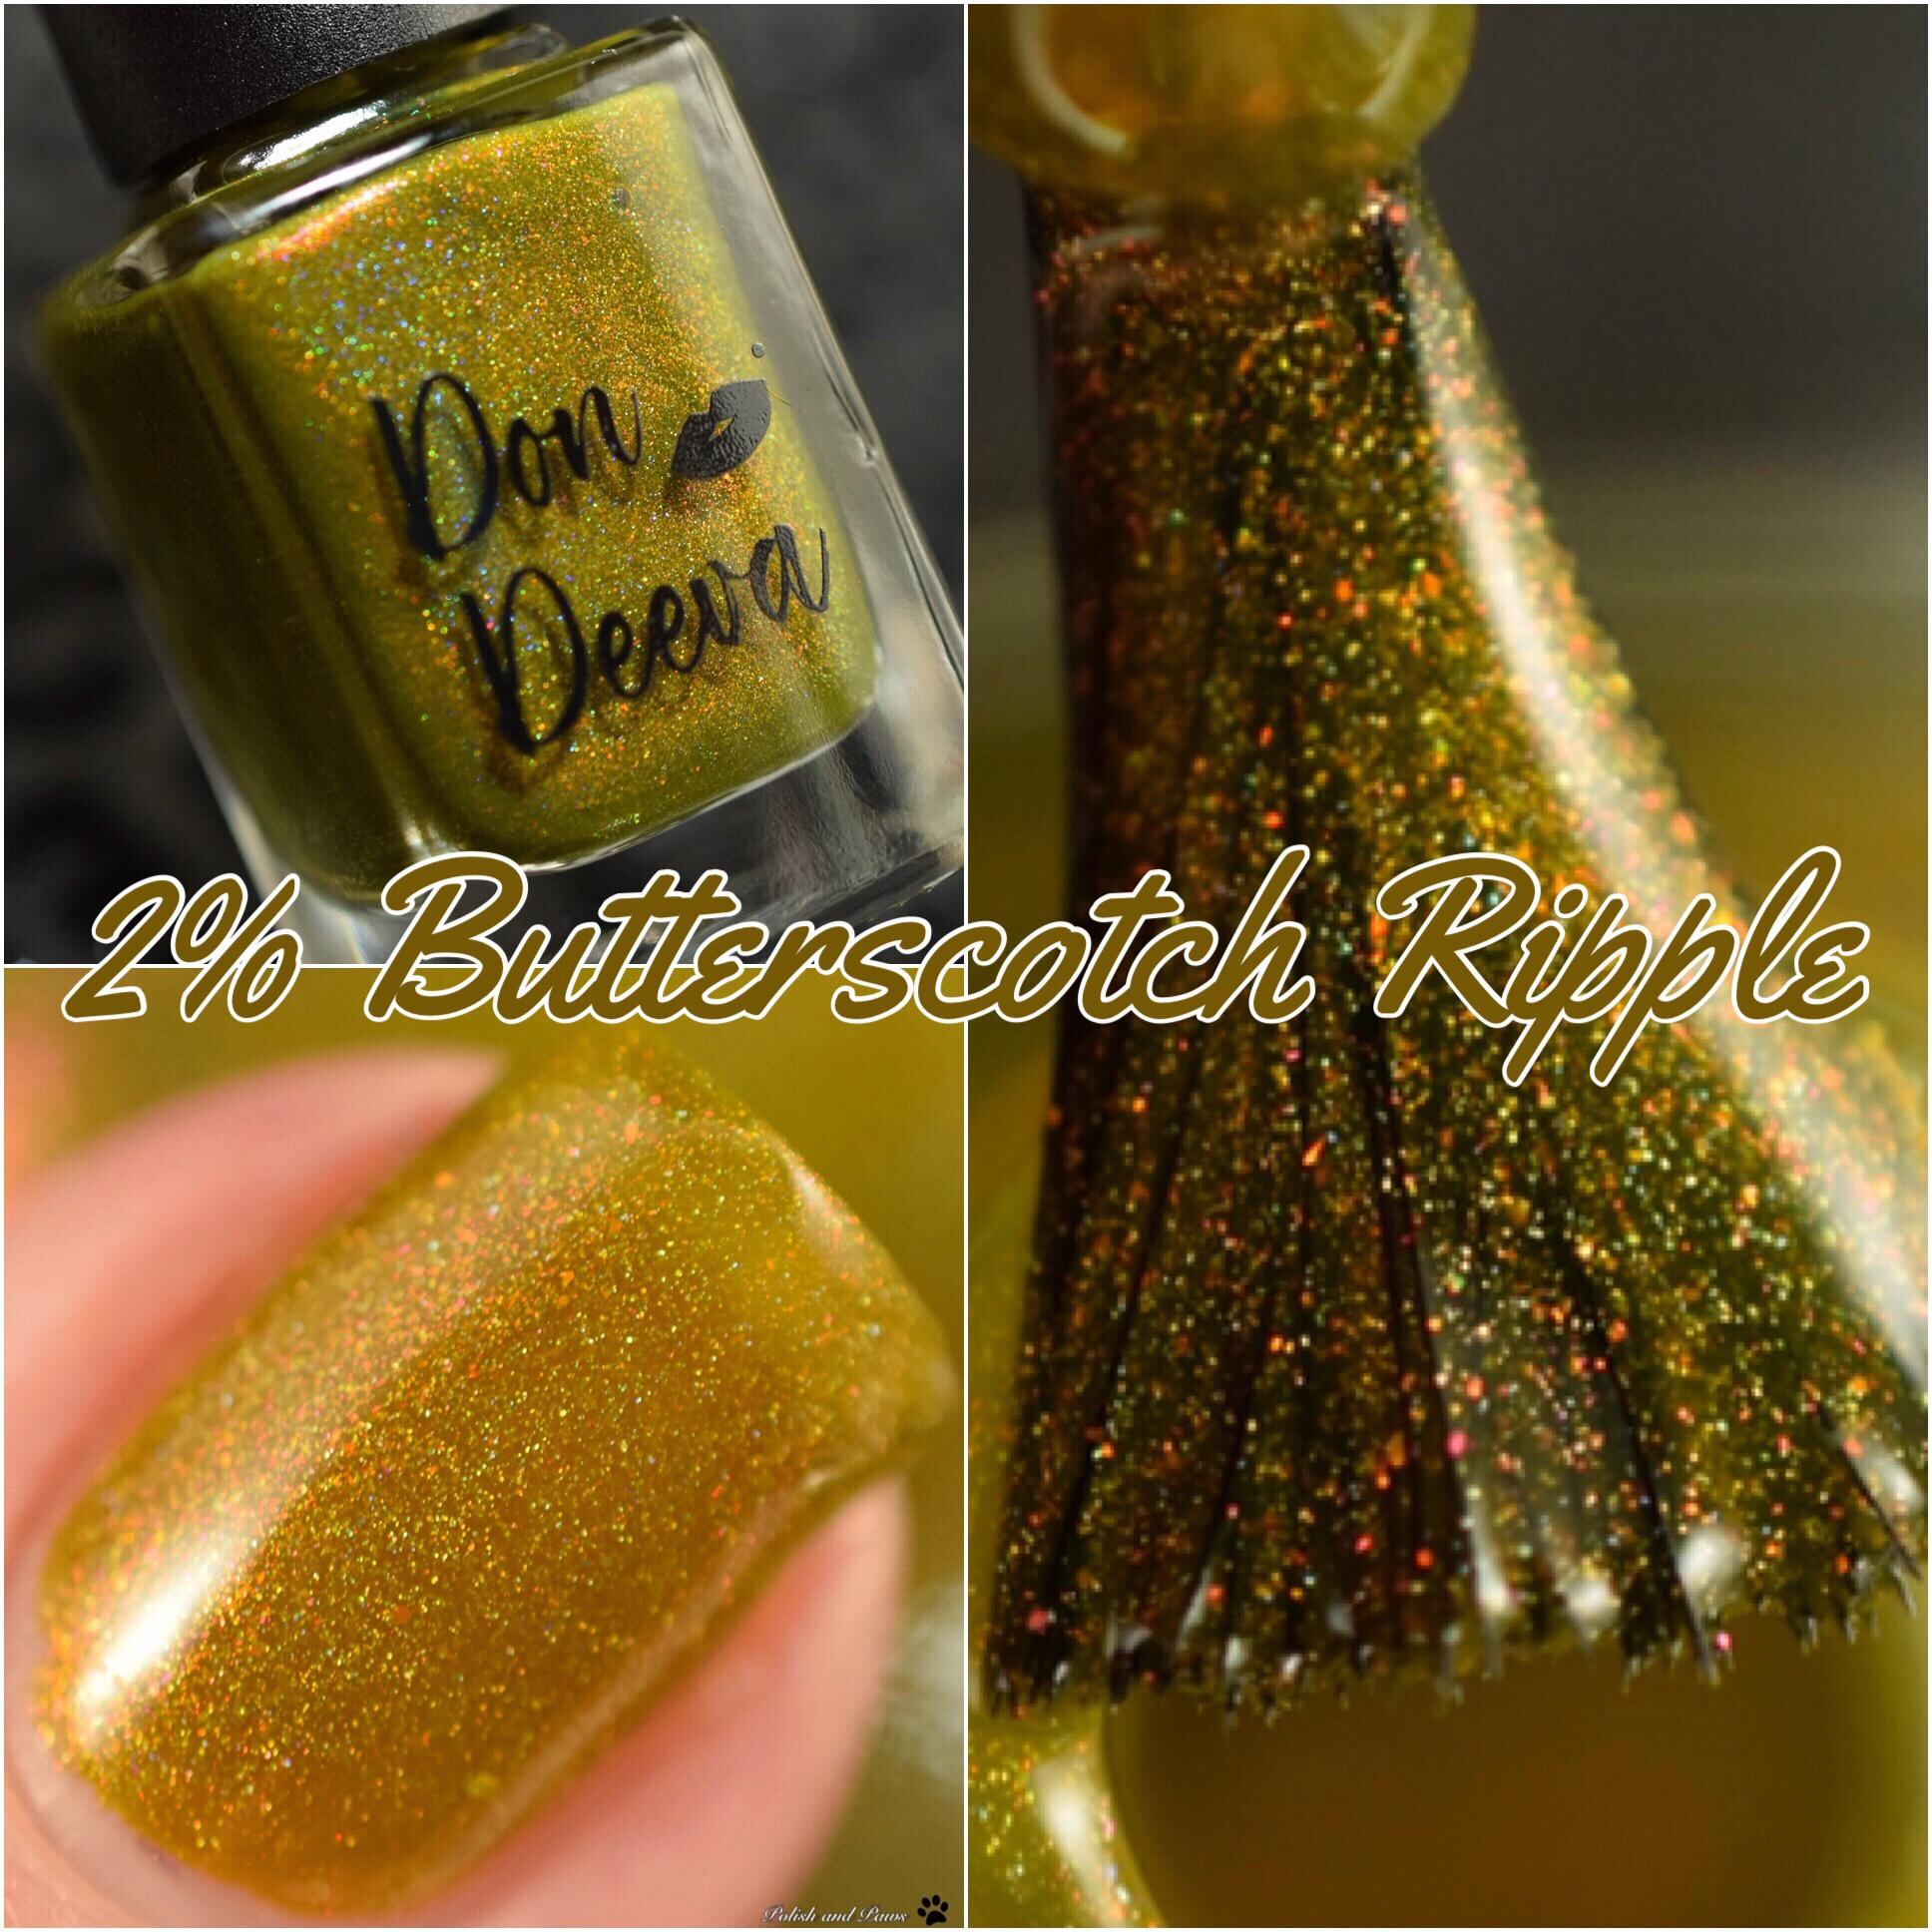 Don Deeva 2% Butterscotch Ripple